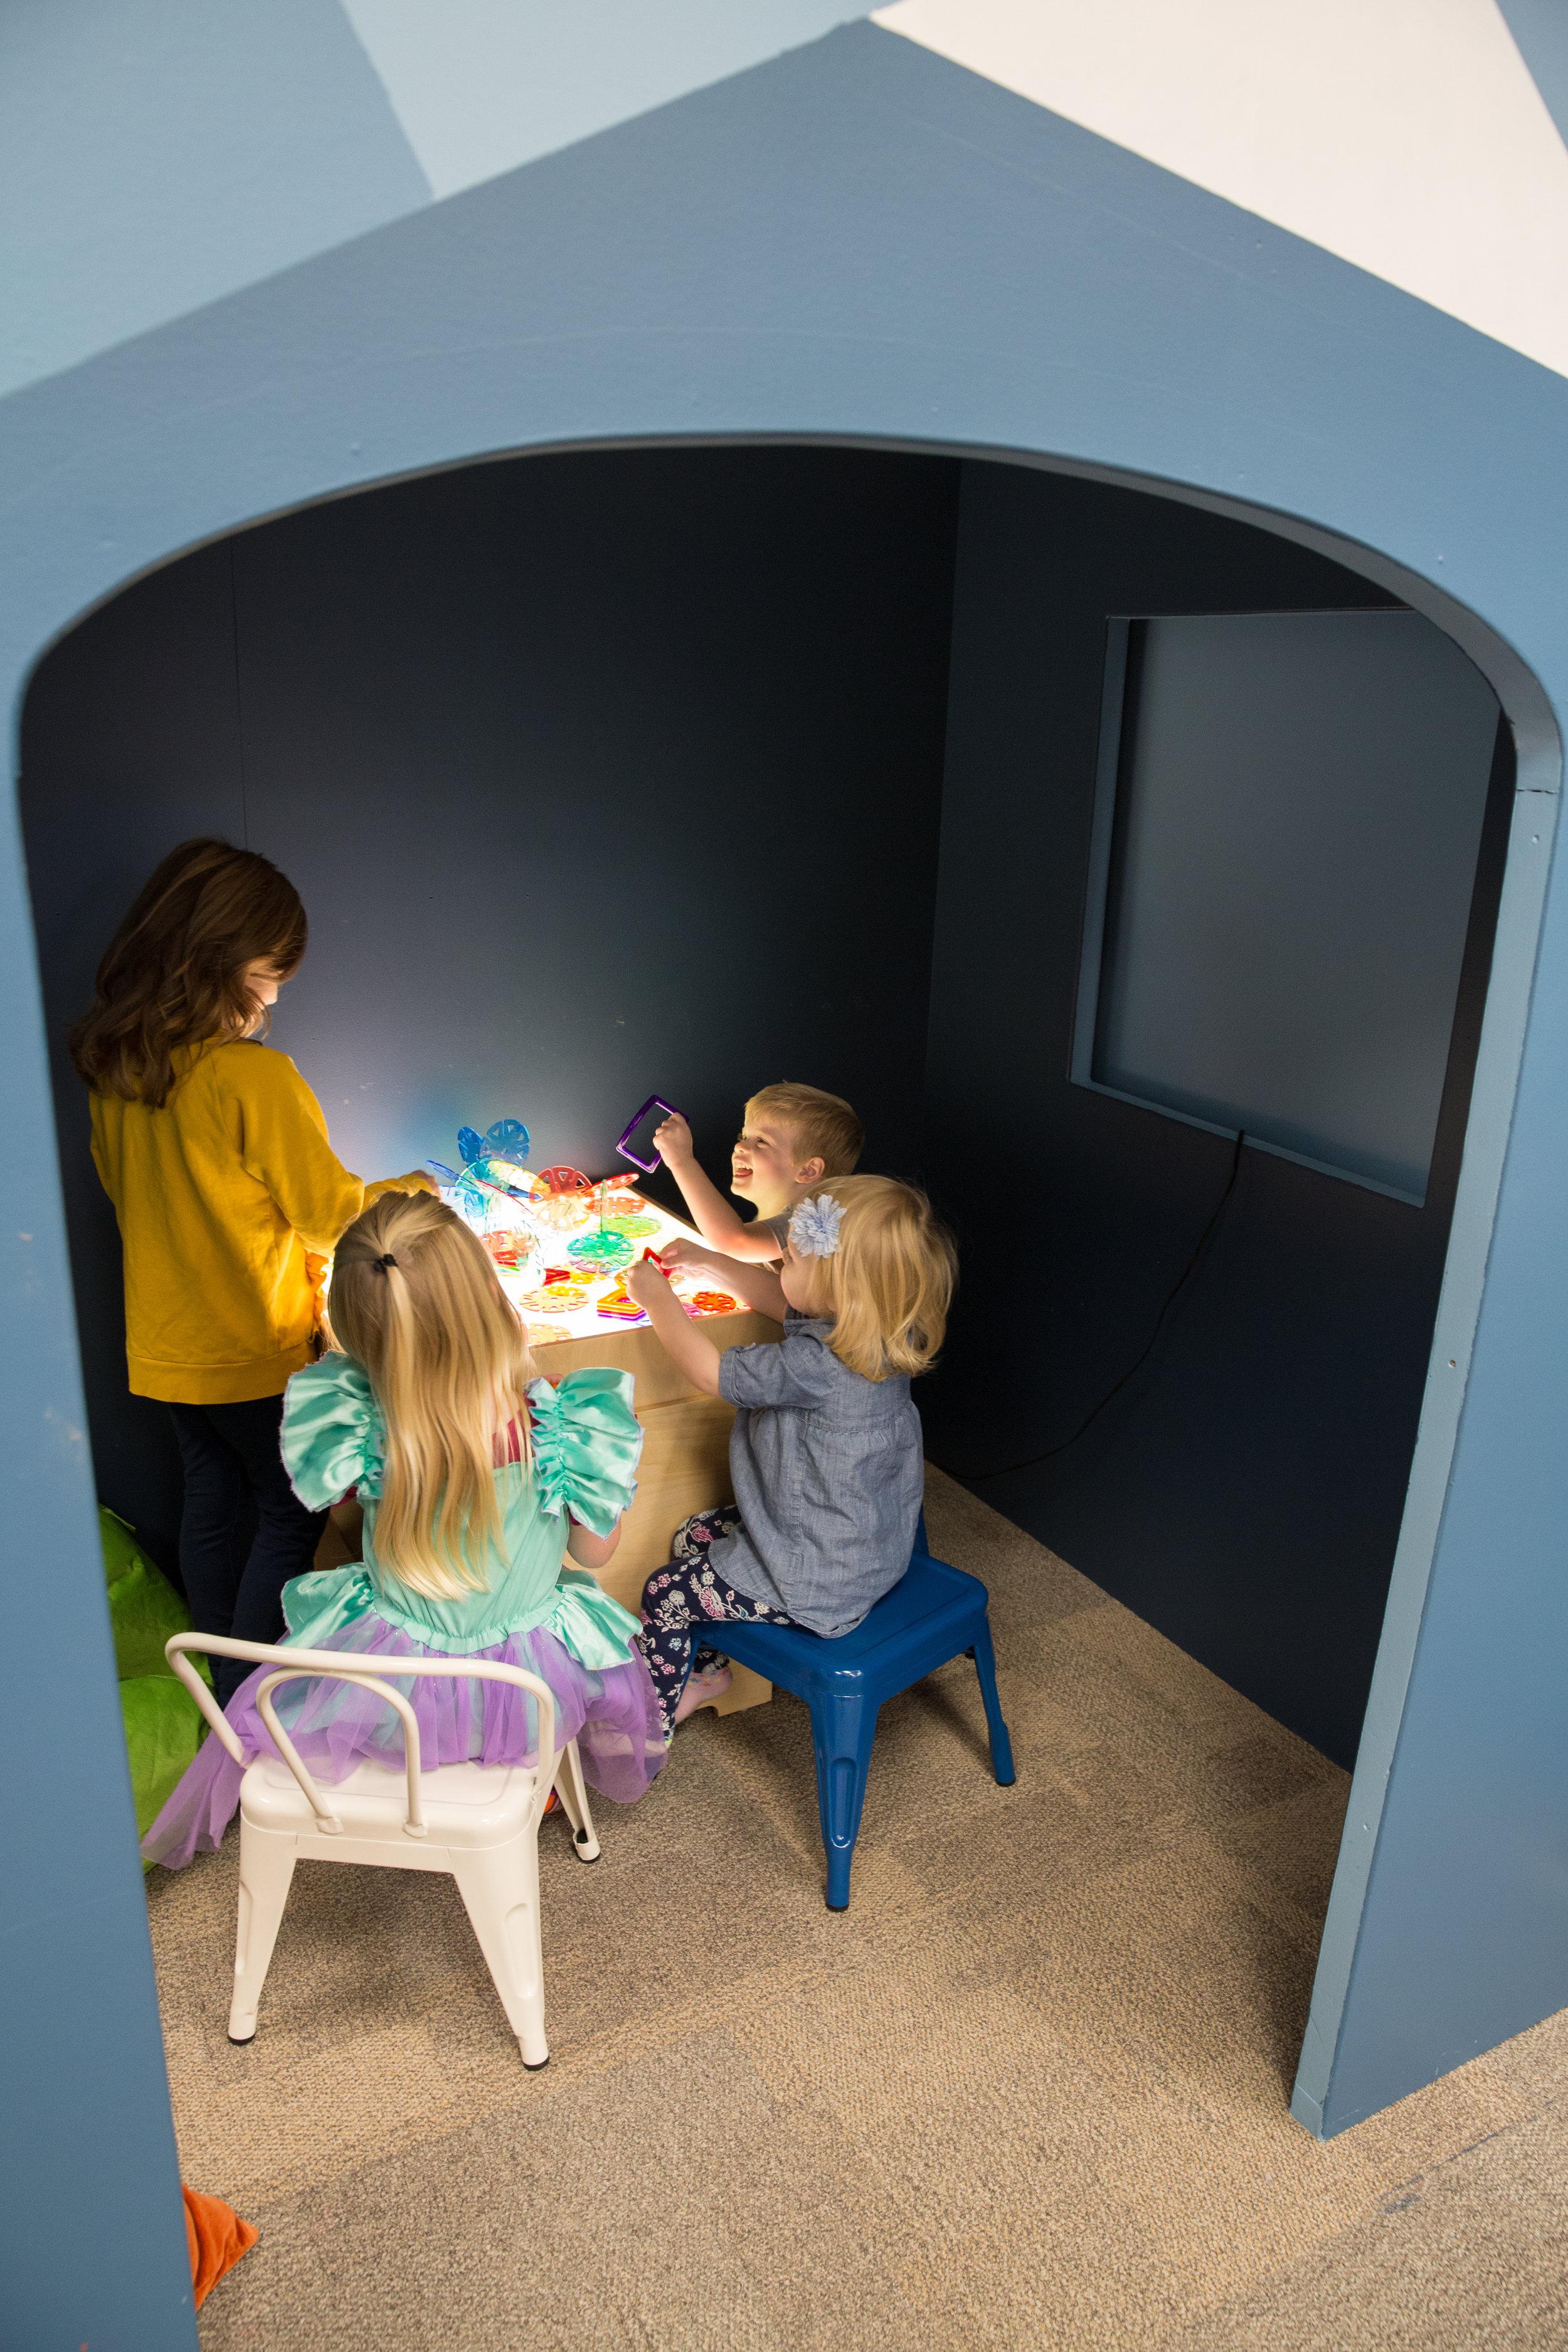 Hoot_Studio_Play_Cafe_Dark_Room_Interior.jpg